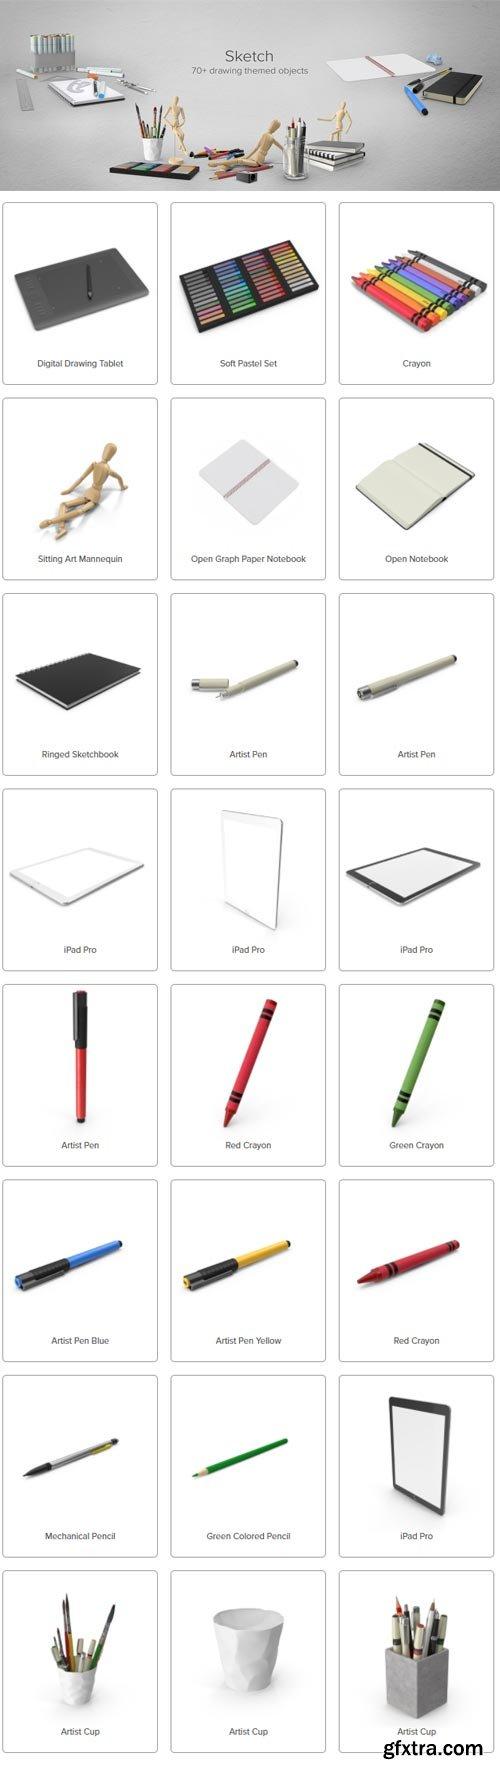 PixelSquid - Sketch Collection